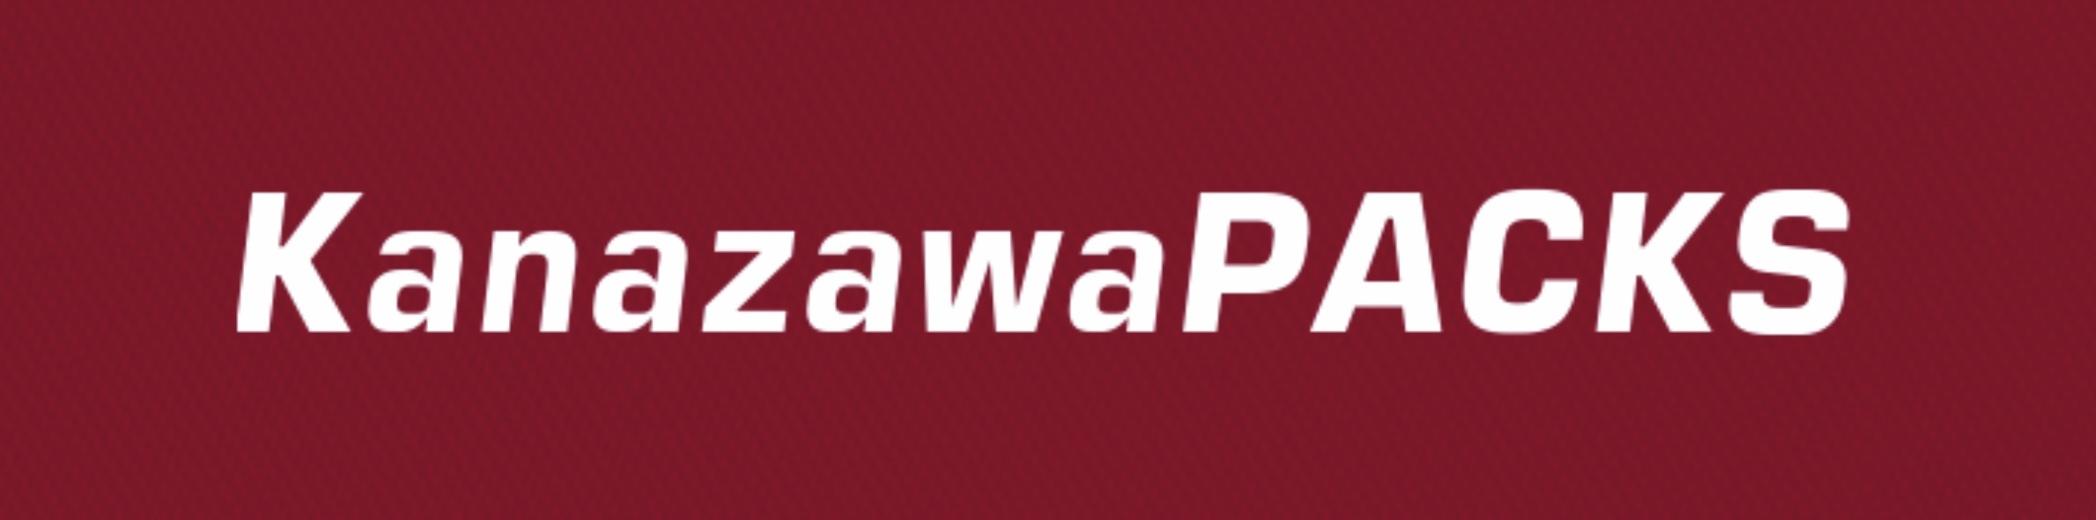 KanazawaPACKS